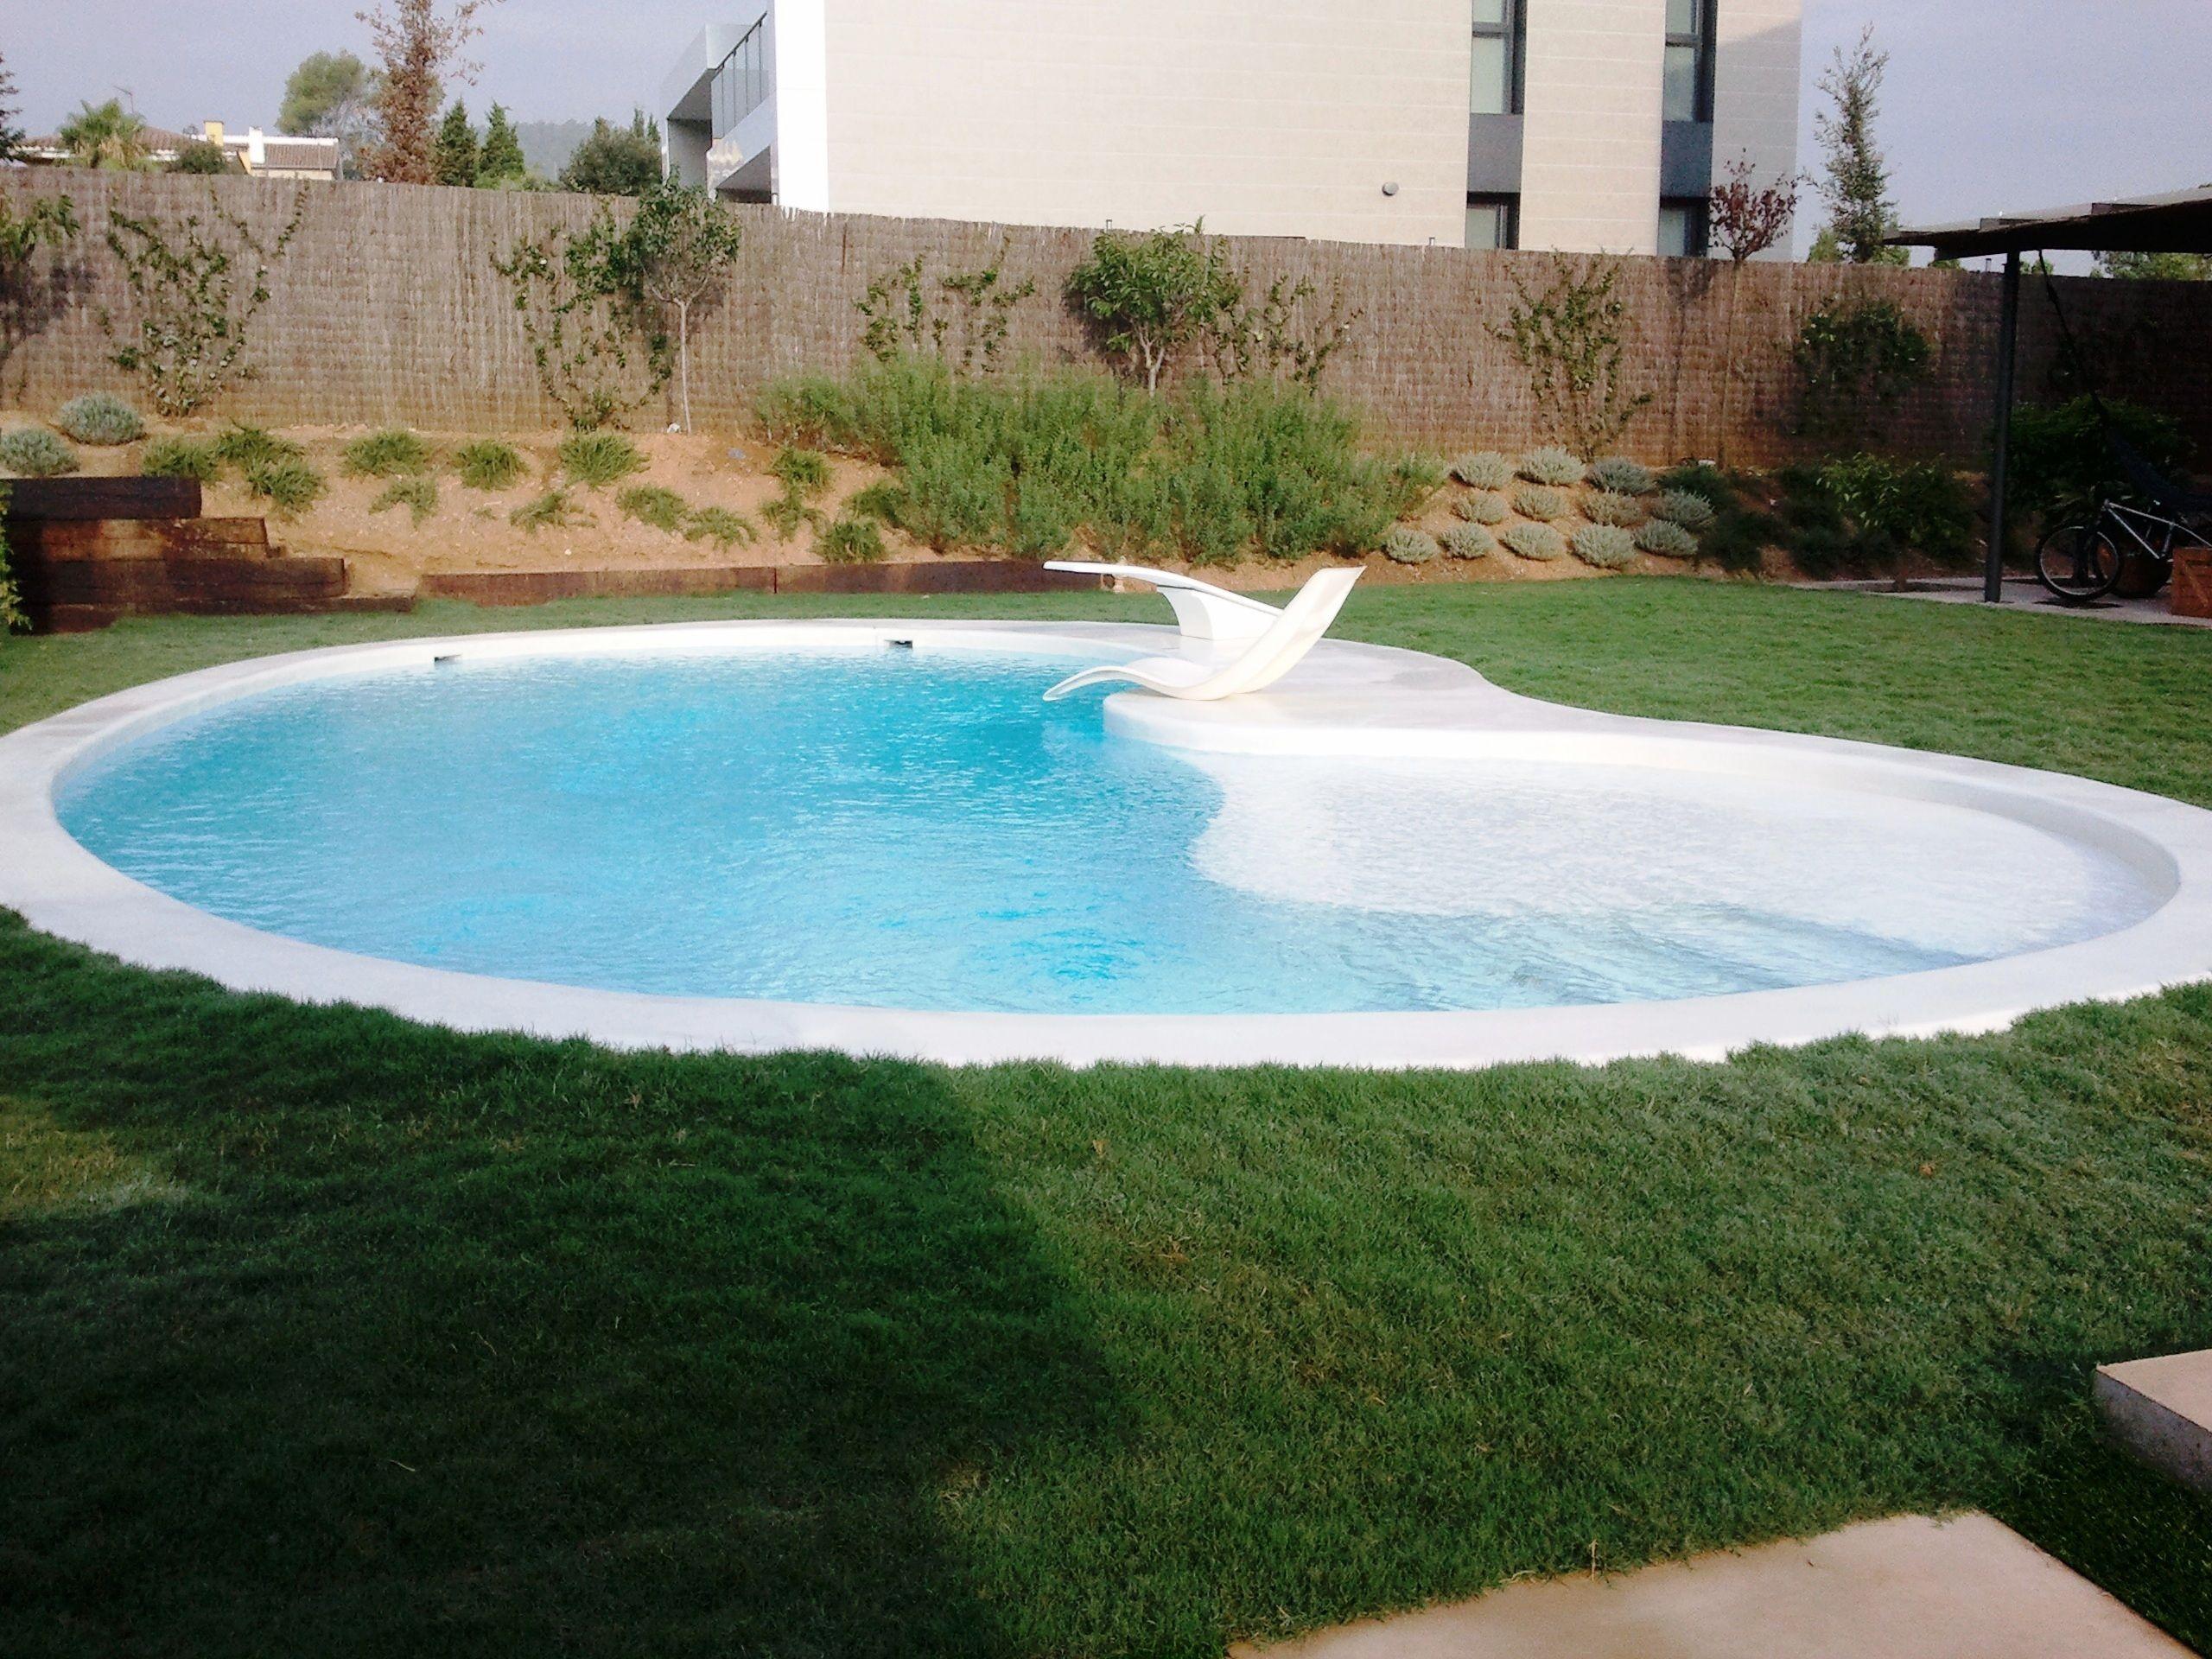 Piscina de ferr n piscinas piscina de microcemento con - Microcemento para piscinas ...